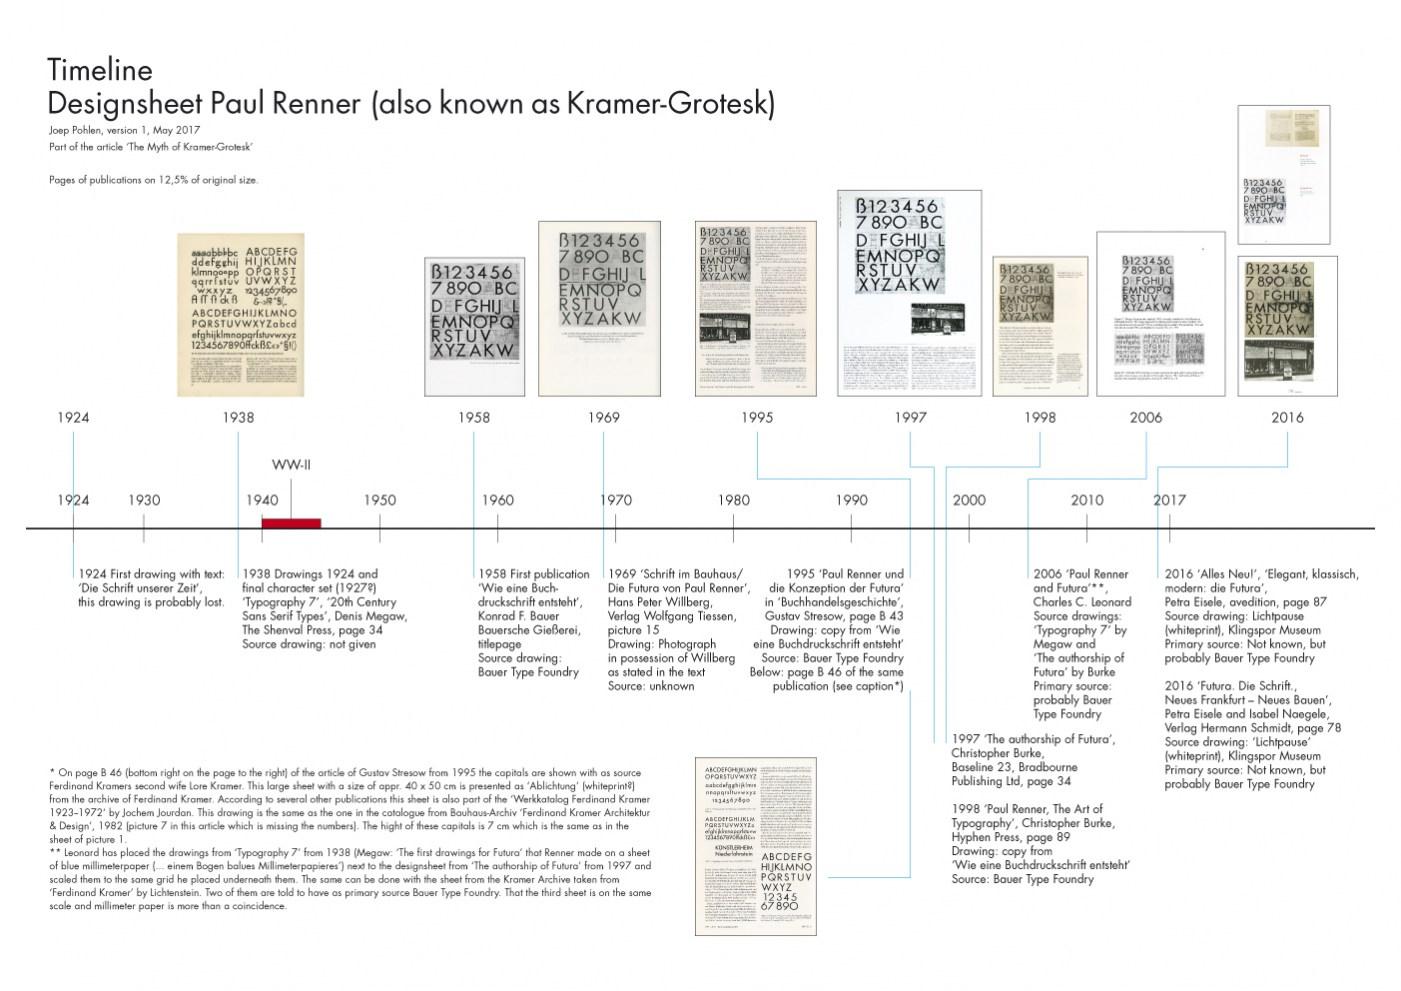 11picture_Timeline_Renner_Designsheet.jpg